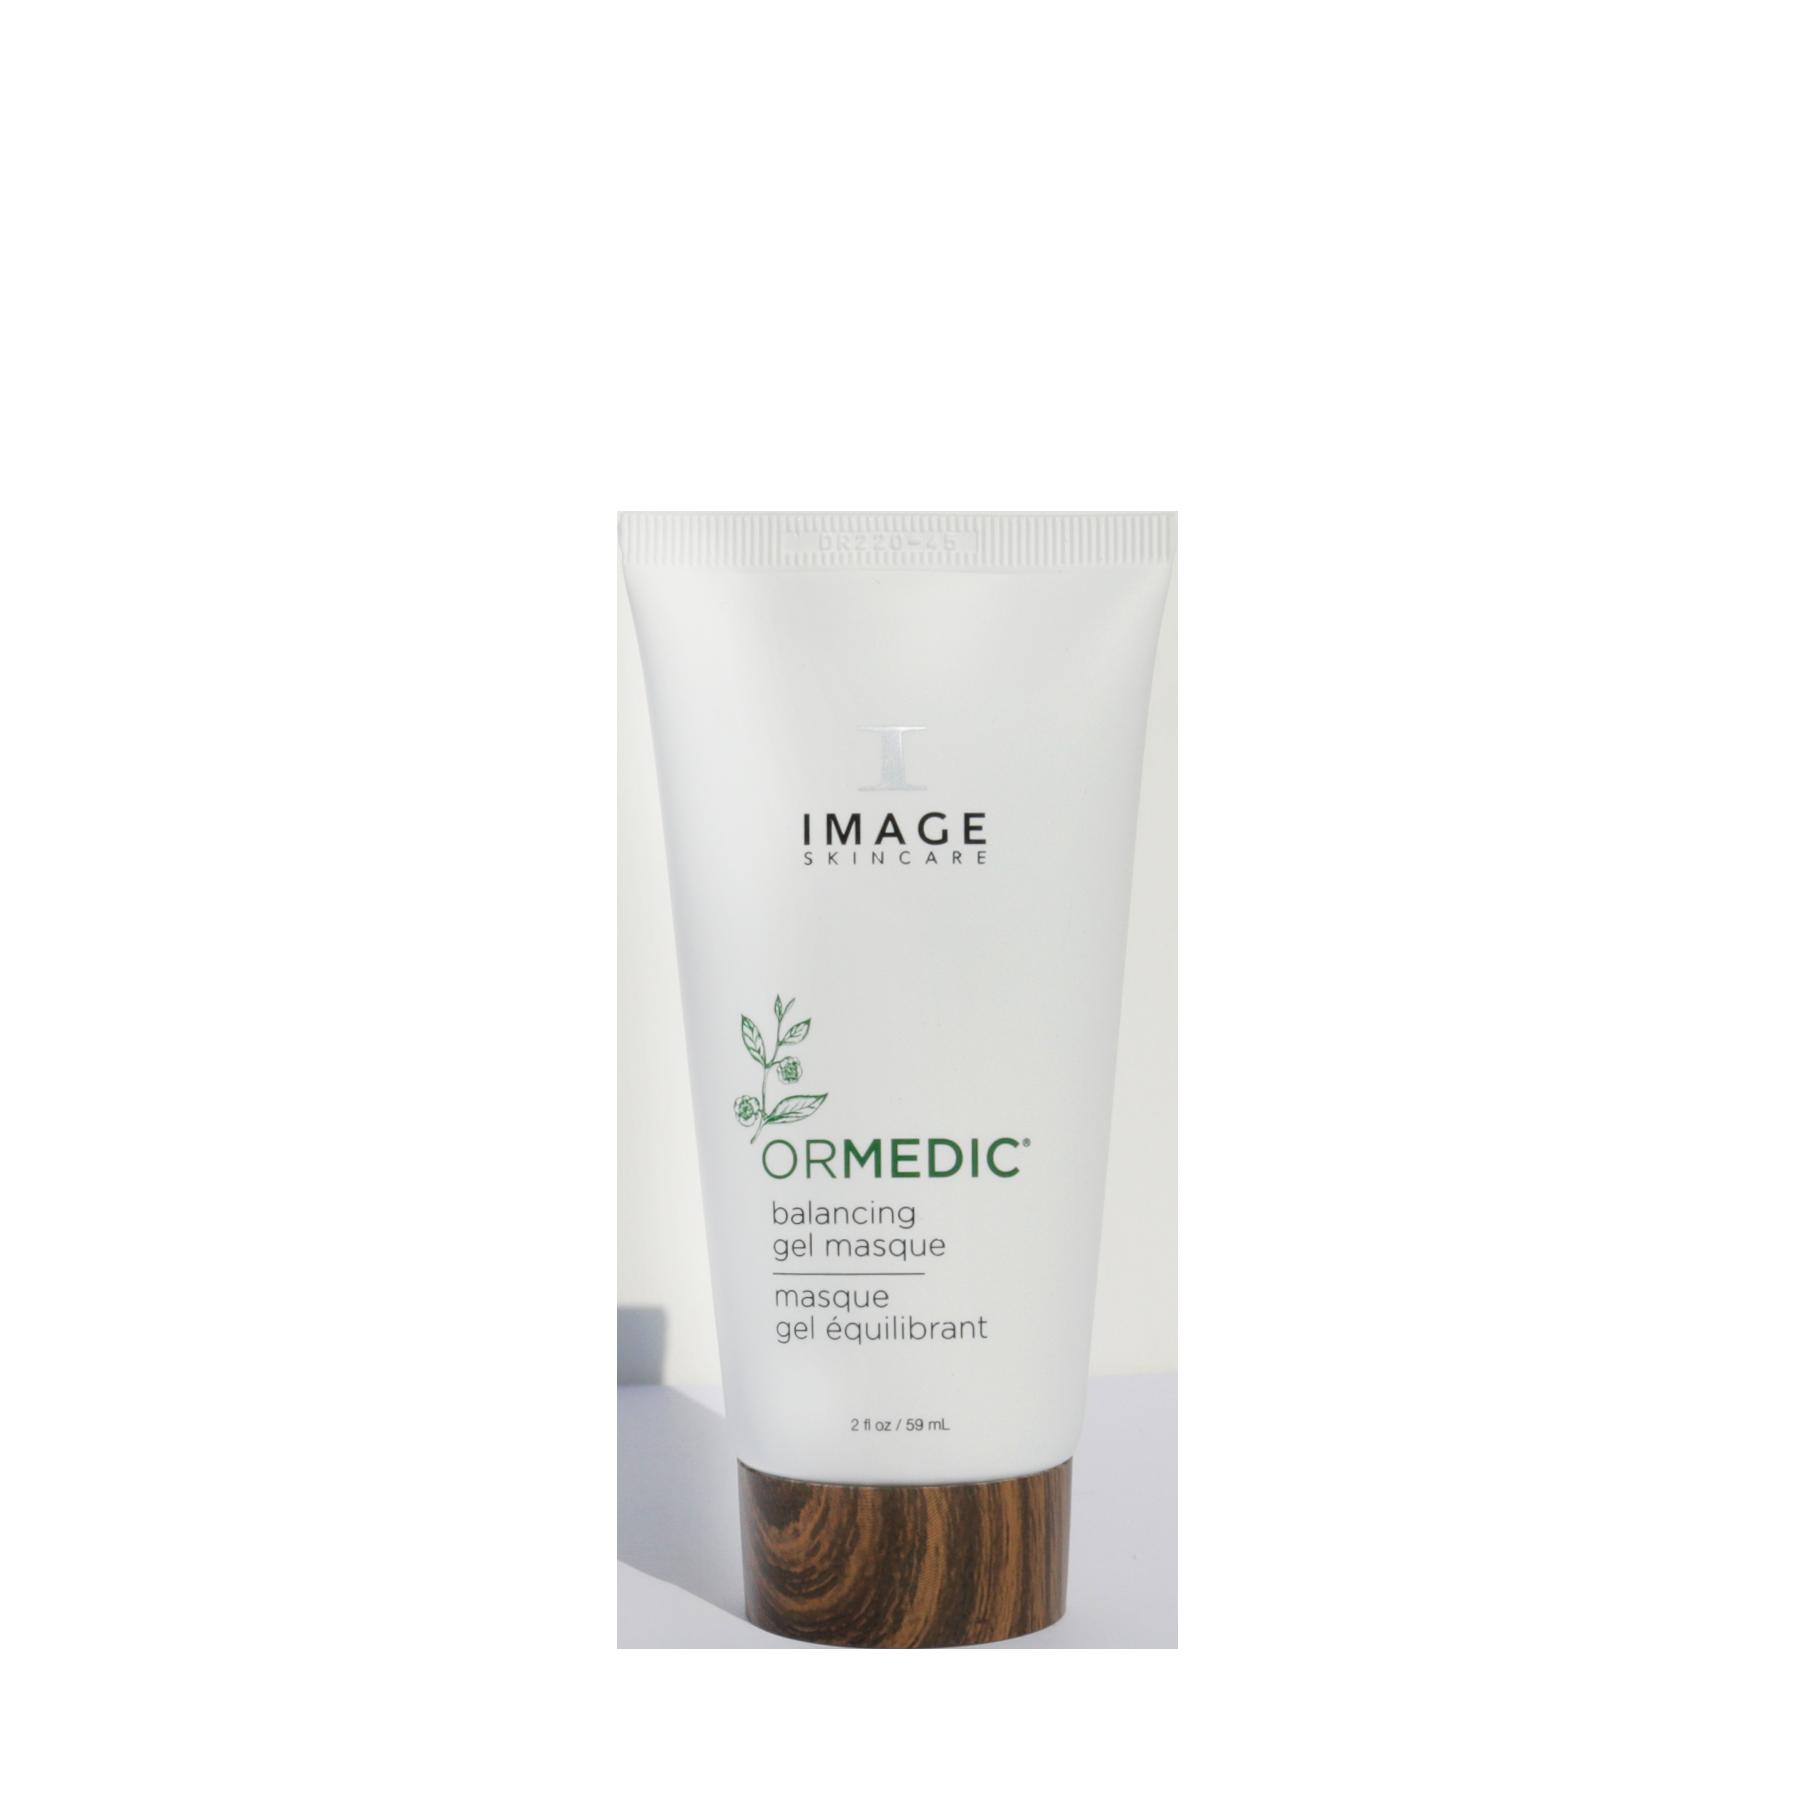 Mặt nạ mát dịu, giảm nhạy cảm, kích ứng tức thì Image Skincare Ormedic Balancing Soothing Gel Masque